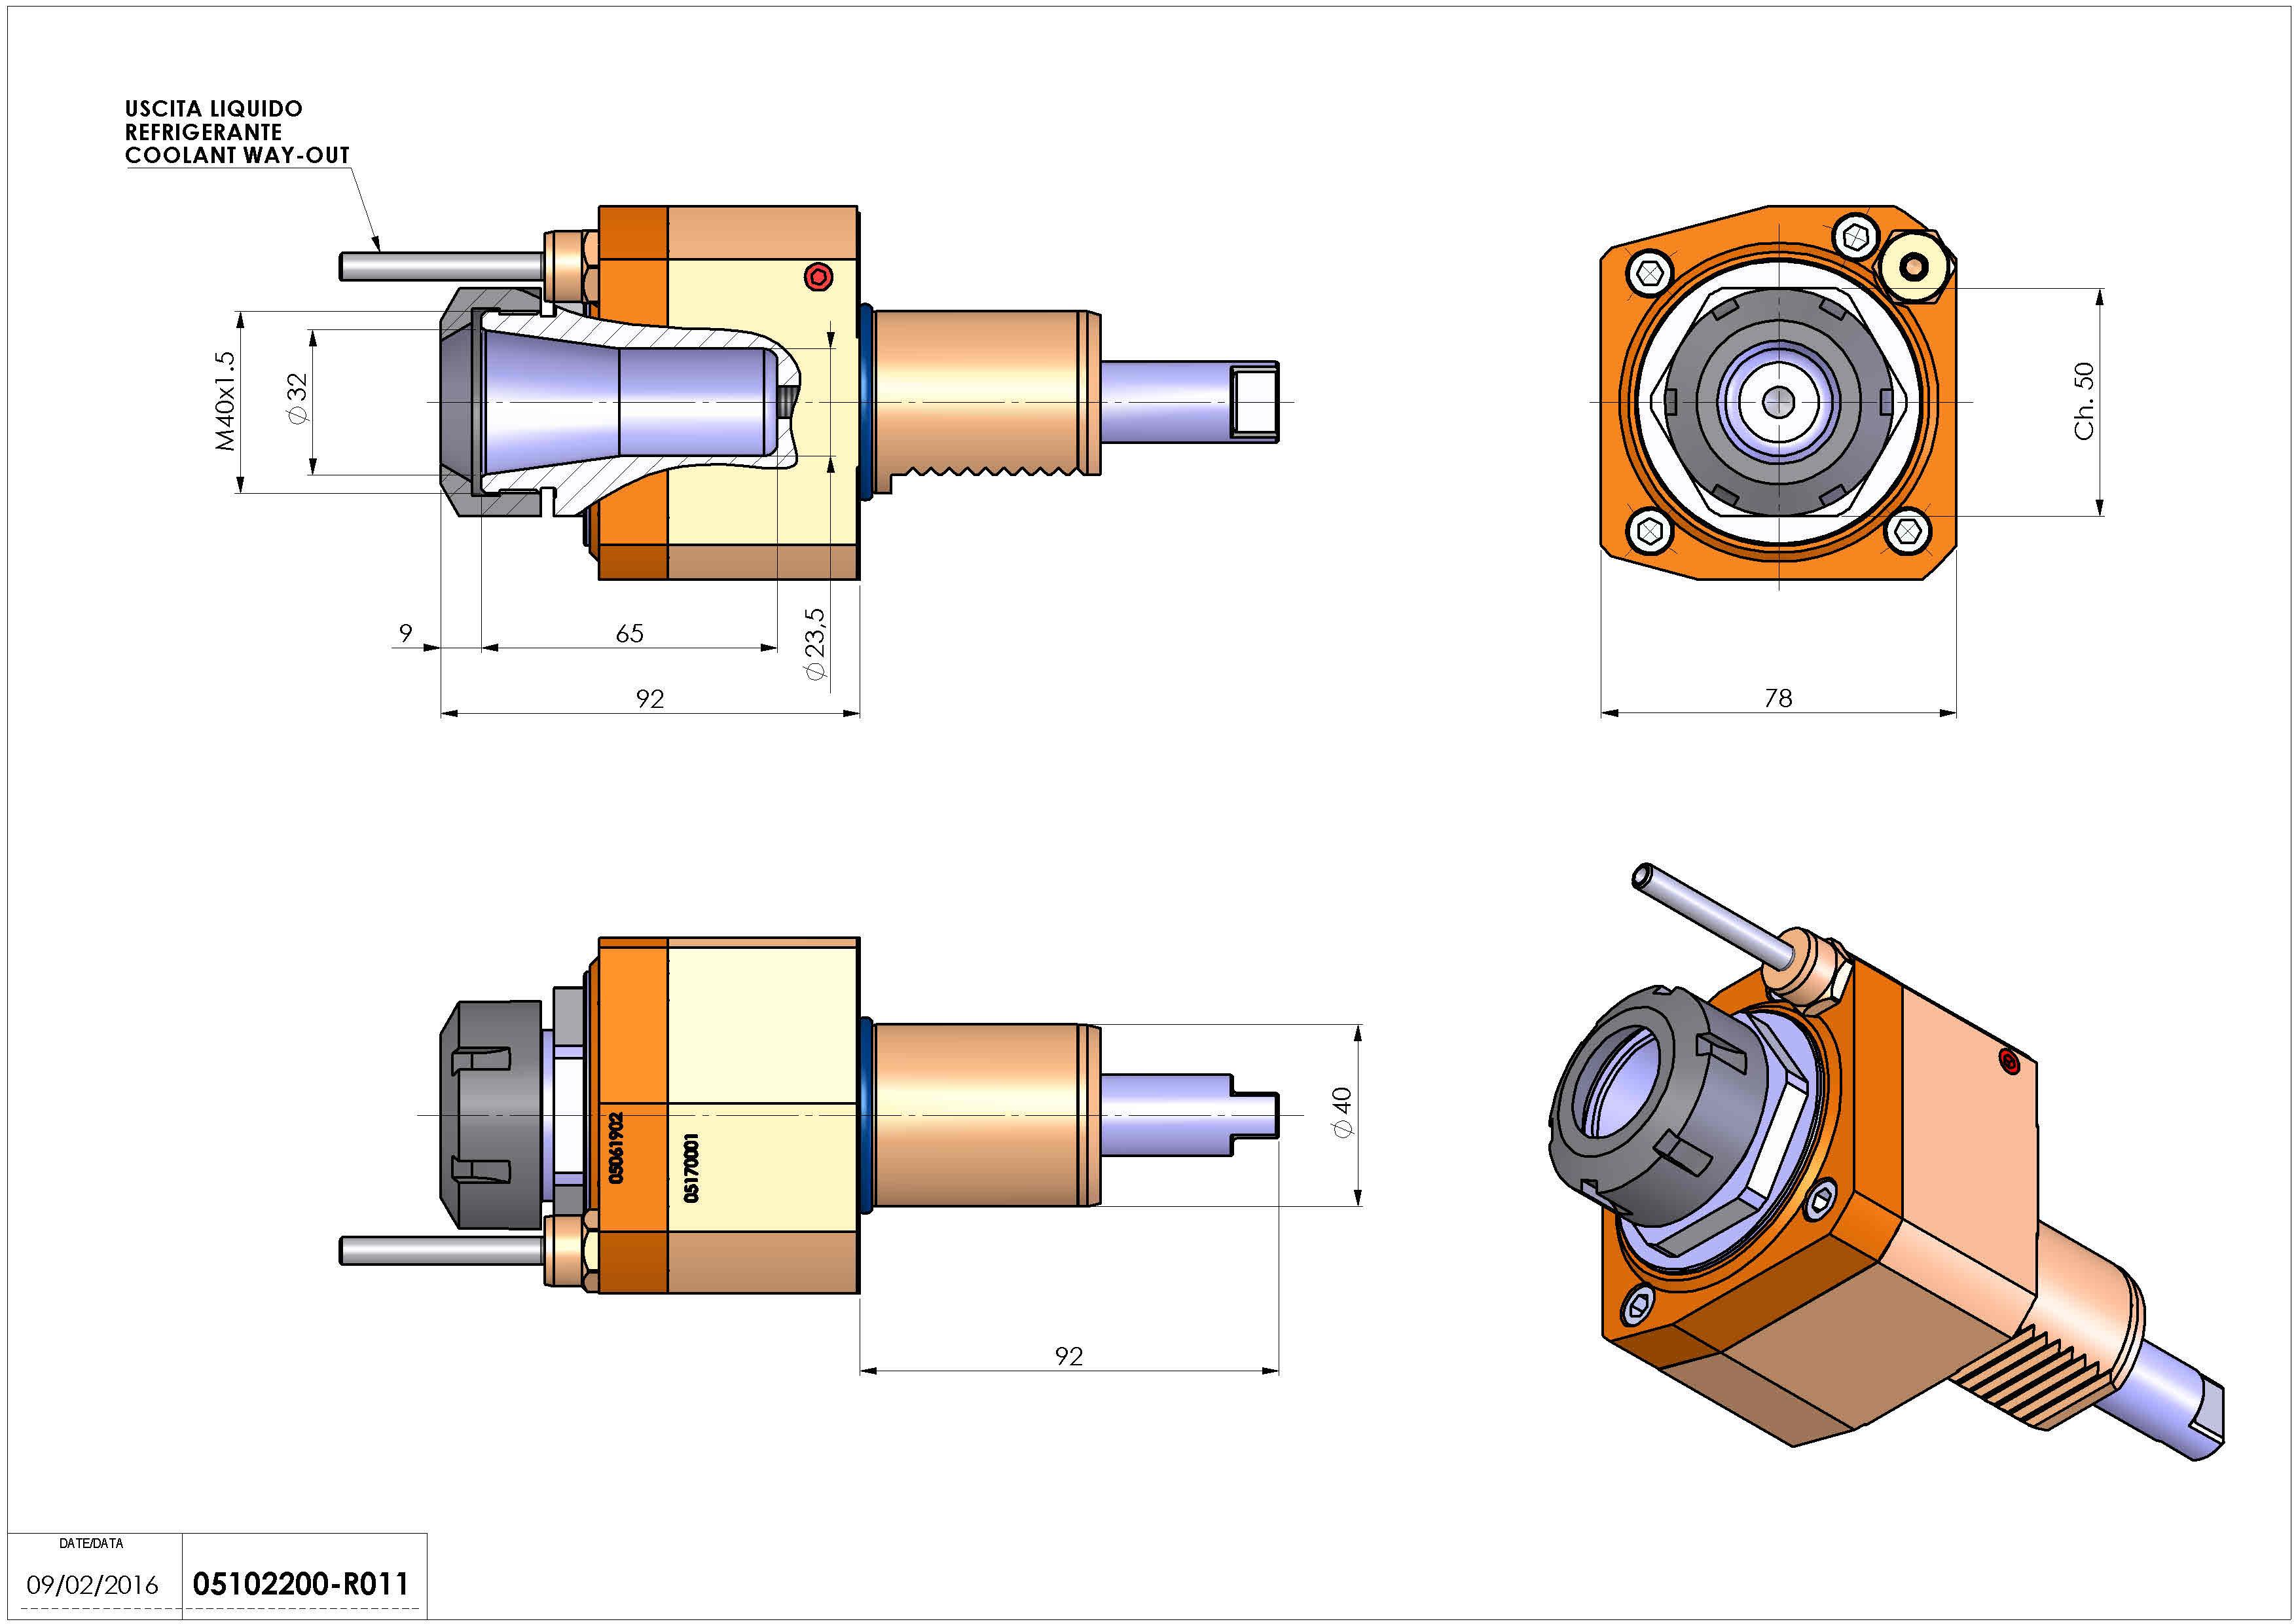 Technical image - LT-S VDI40 ER32 H83 HW.